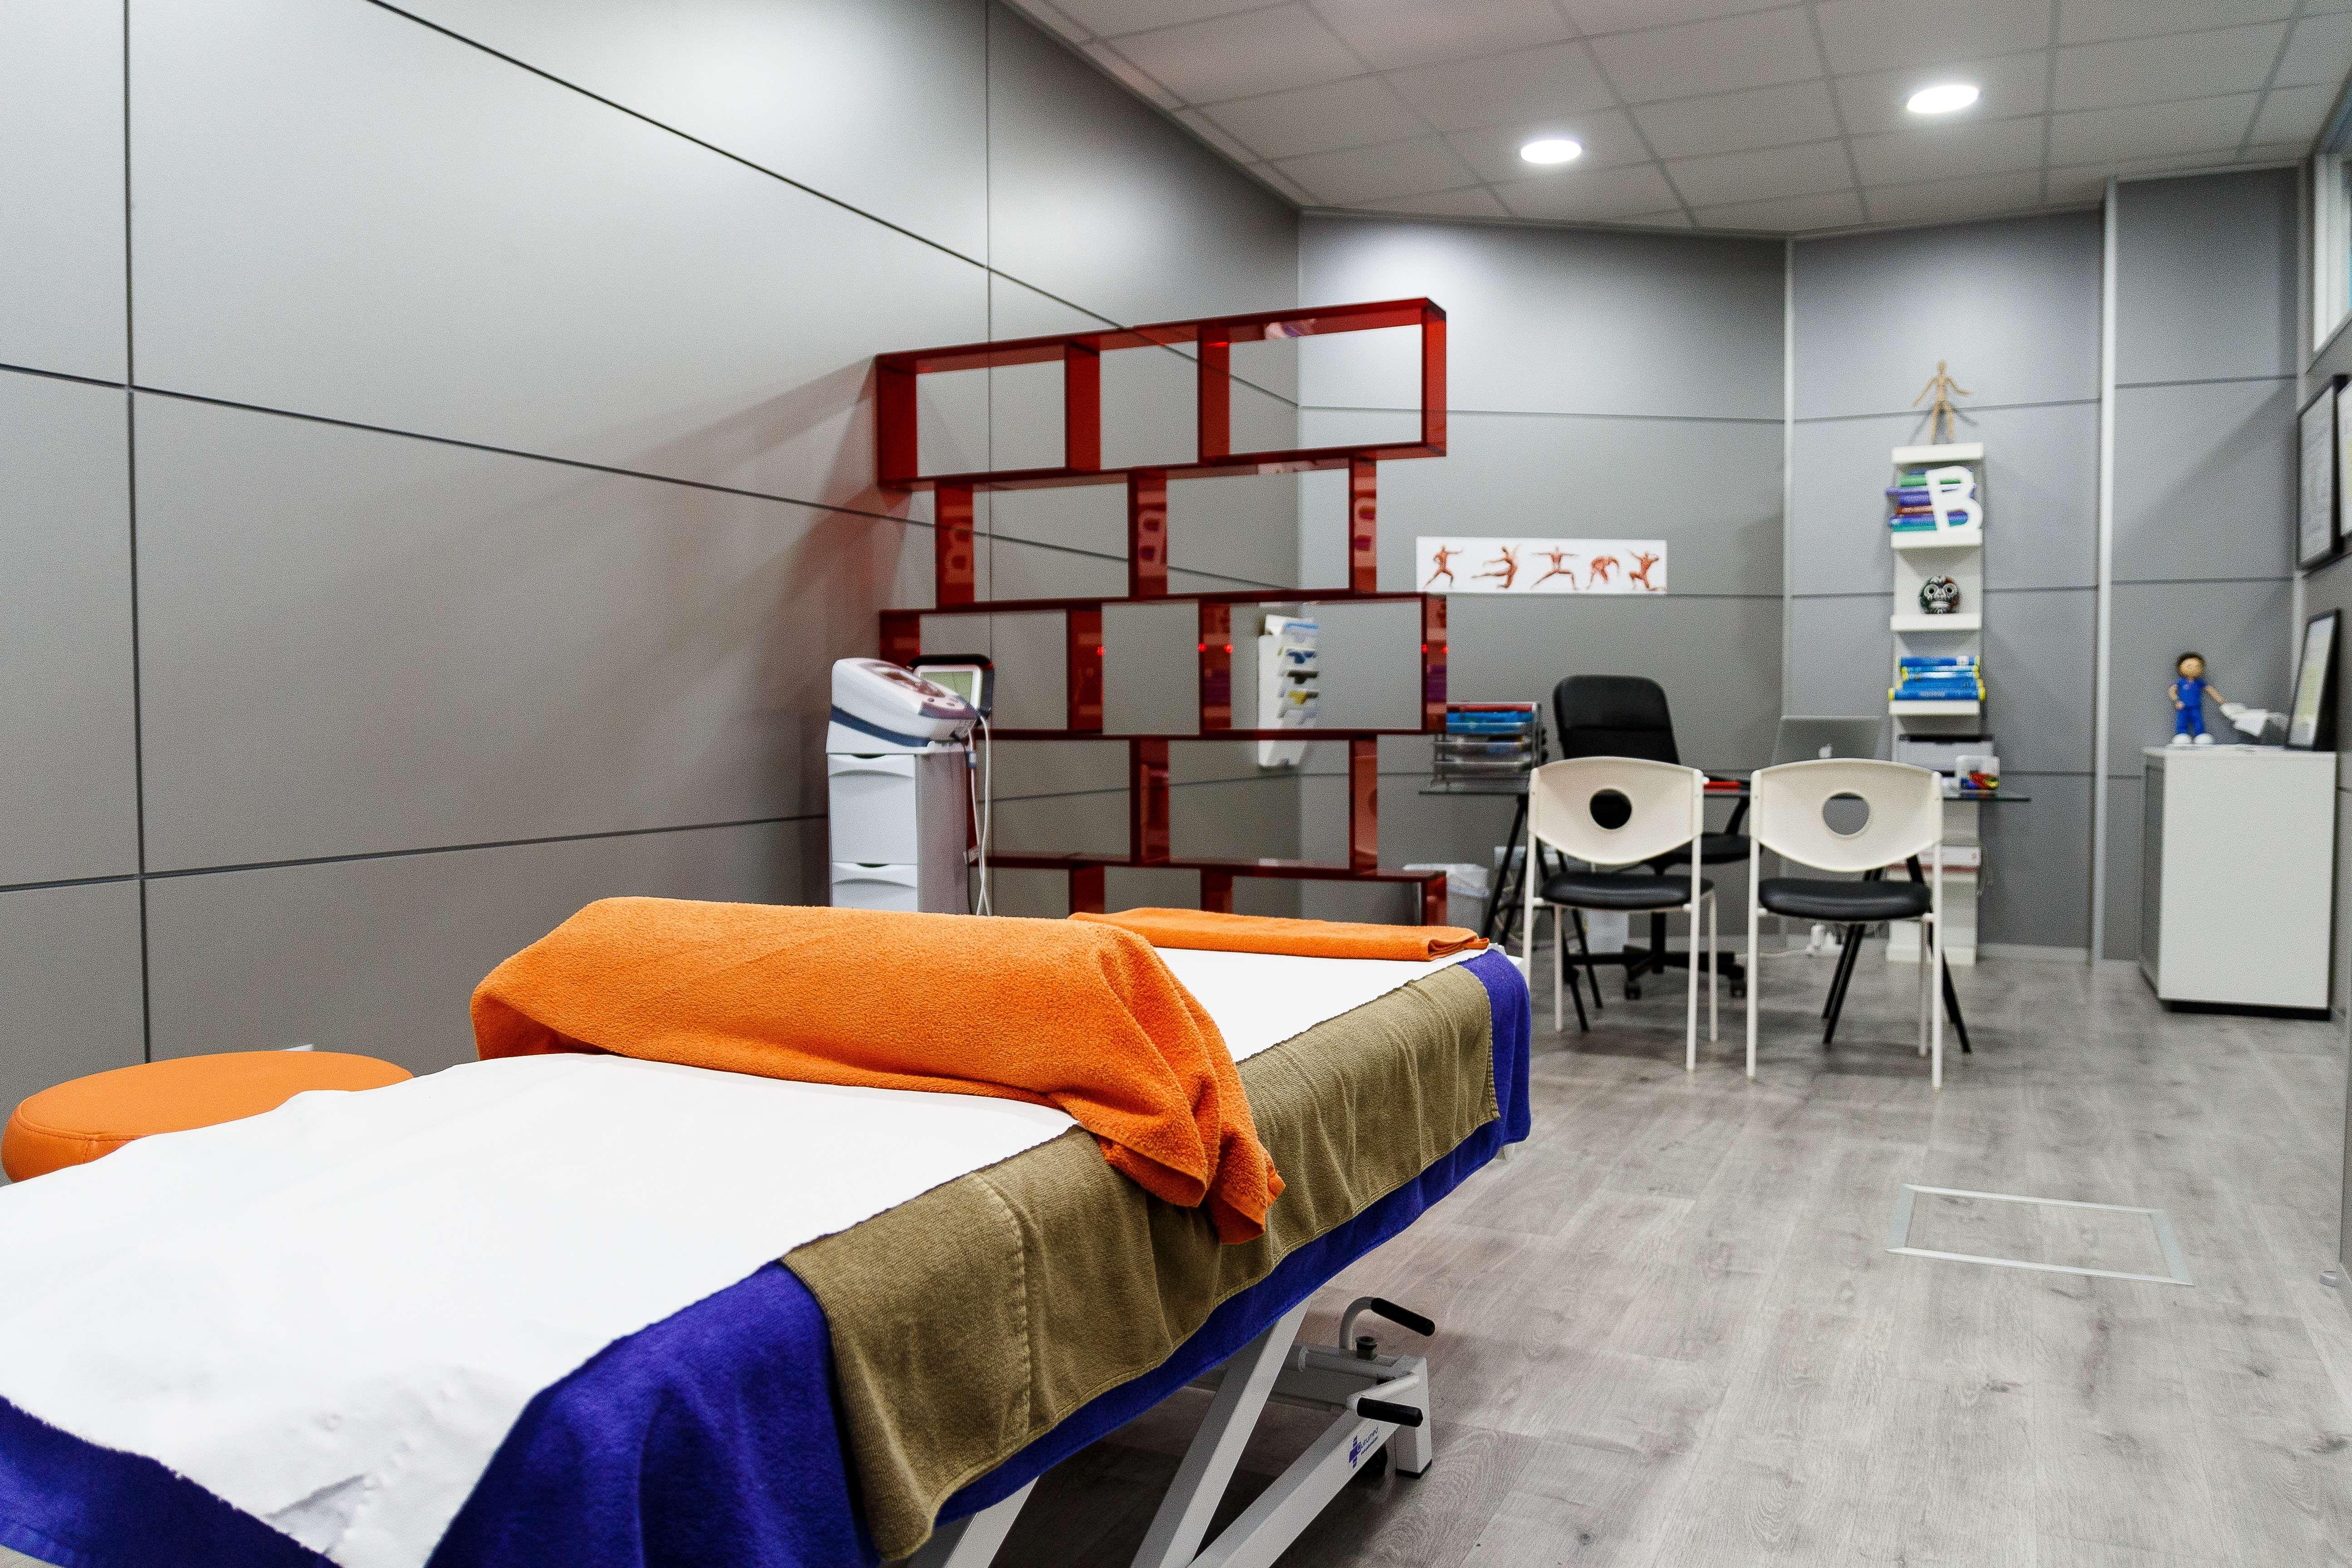 Sala para tratamientos de fisioterapia